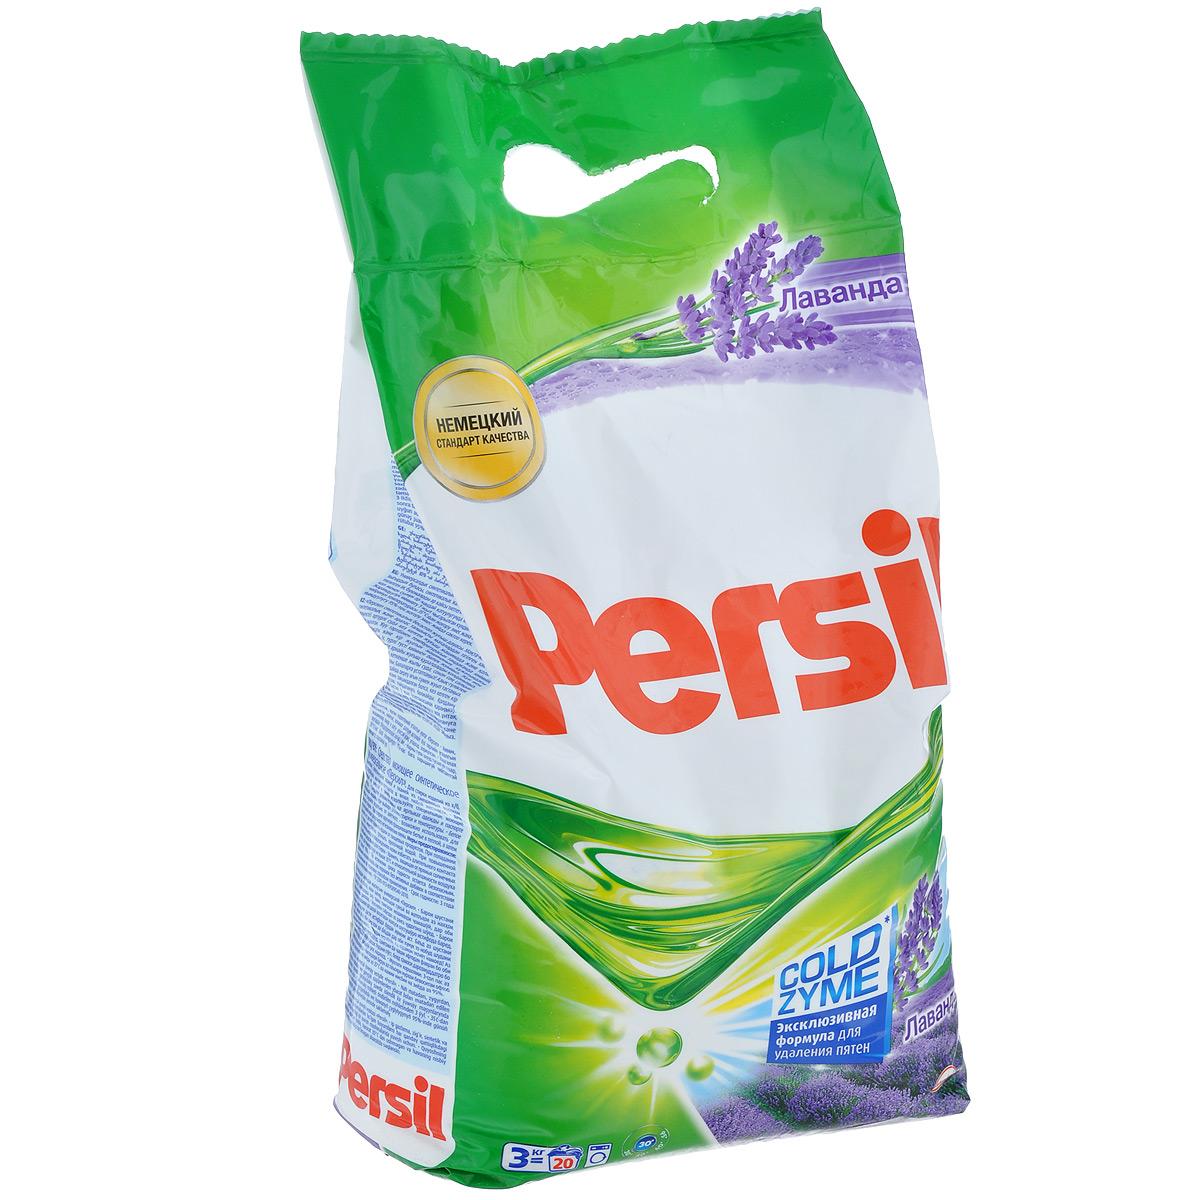 Стиральный порошок Persil Лаванда, 3 кг935042Стиральный порошок Persil Лаванда - это стиральный порошок с инновационной формулой, которая содержит активные капсулы пятновыводителя. Эти капсулы быстро растворяются в воде и начинают действовать на пятно уже в самом начале стирки. Благодаря эксклюзивному компоненту, Persil отлично удаляет даже сложные пятна. Кроме того, он делает белье белоснежным и придает ему свежий цветочный аромат. Подходит для стирки изделий из х/б, льняных, синтетических тканей и тканей из смешанных волокон в стиральных машинах-автоматах в воде любой жесткости. Состав: 5-15% анионные ПАВ, кислородсодержащий отбеливатель, Товар сертифицирован.